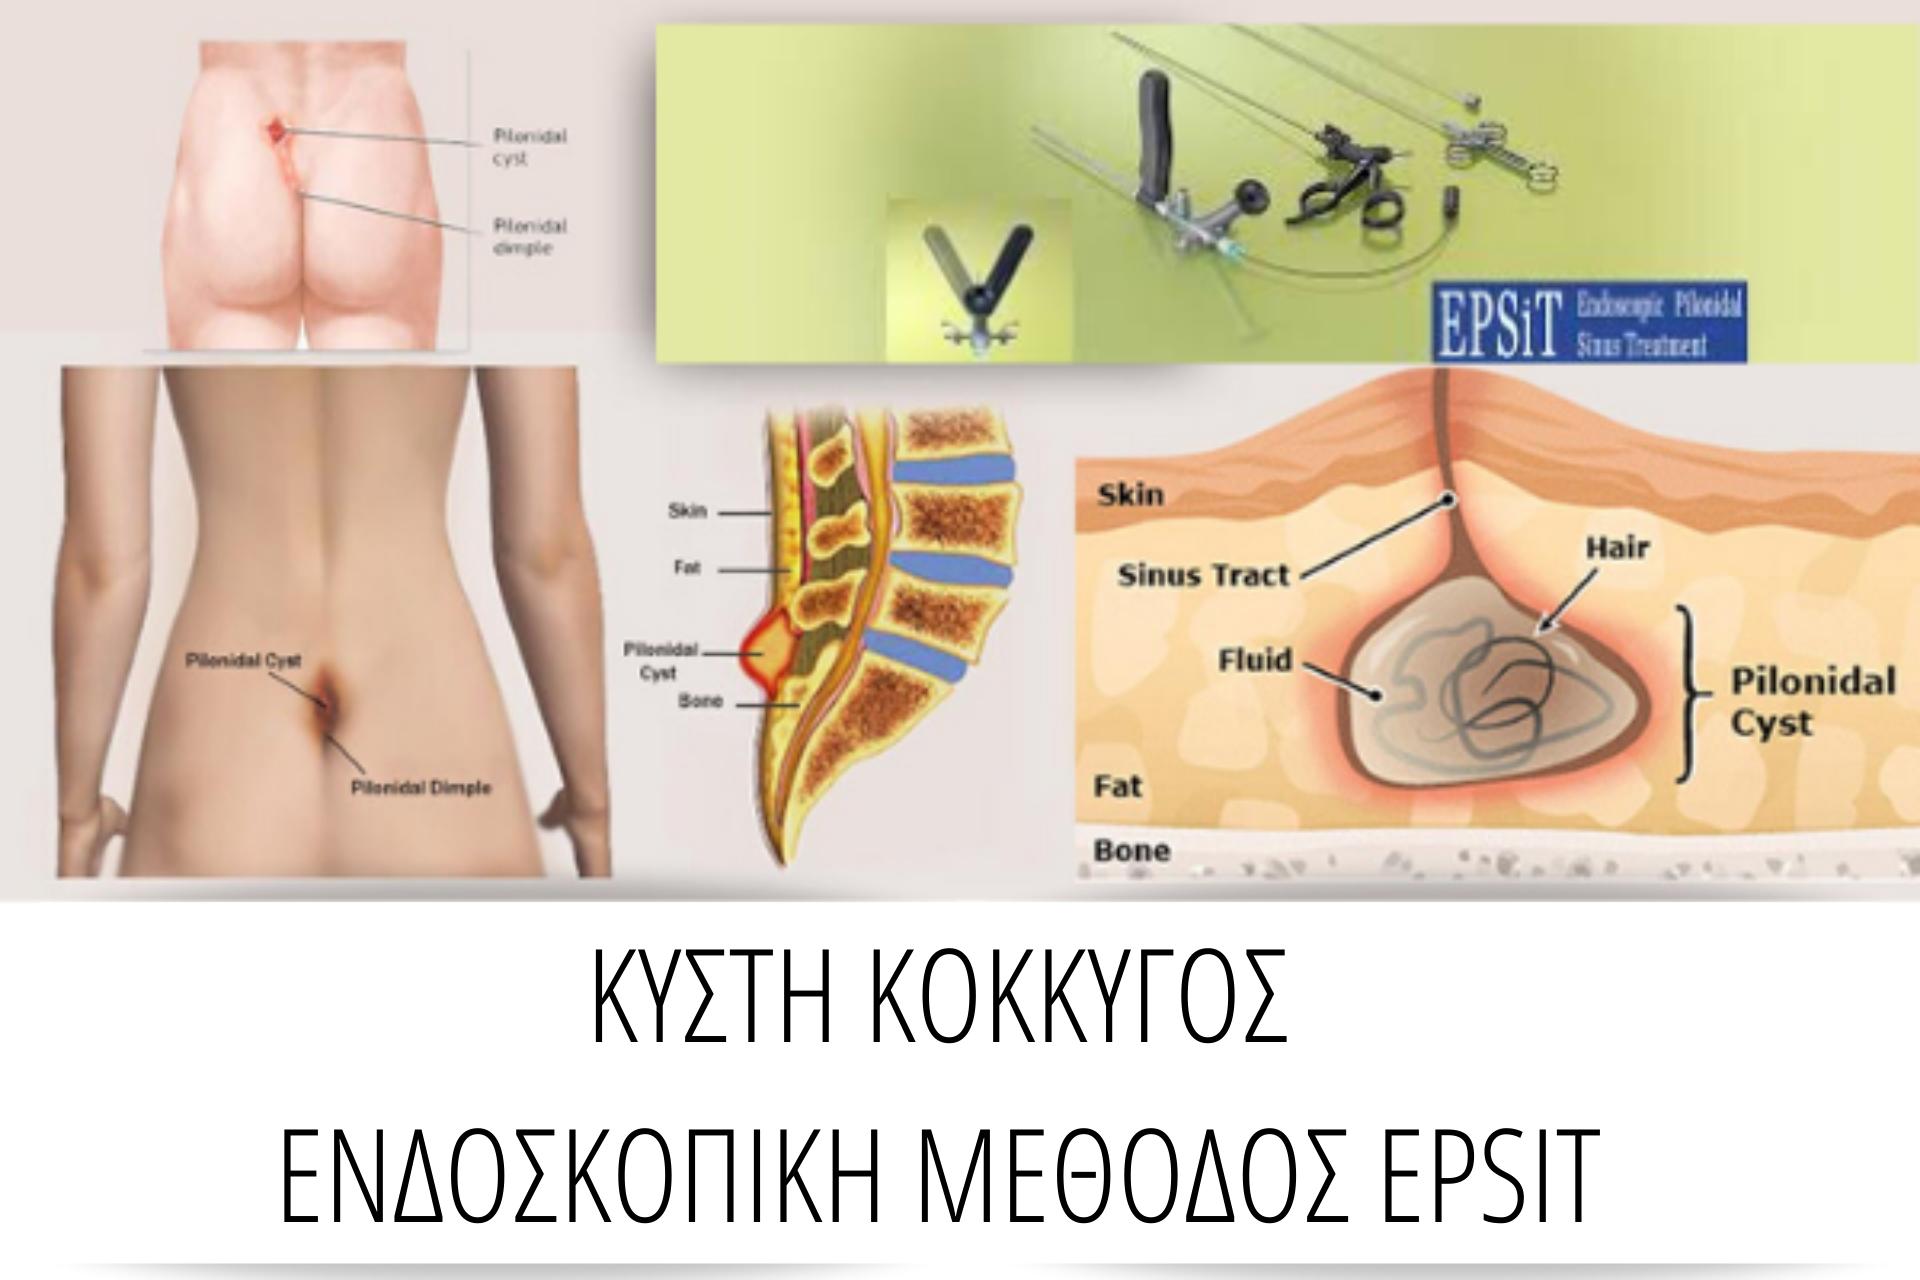 χειρουργος κυστης κοκκυγος - εγχείρηση κύστης κόκκυγος laser τιμη